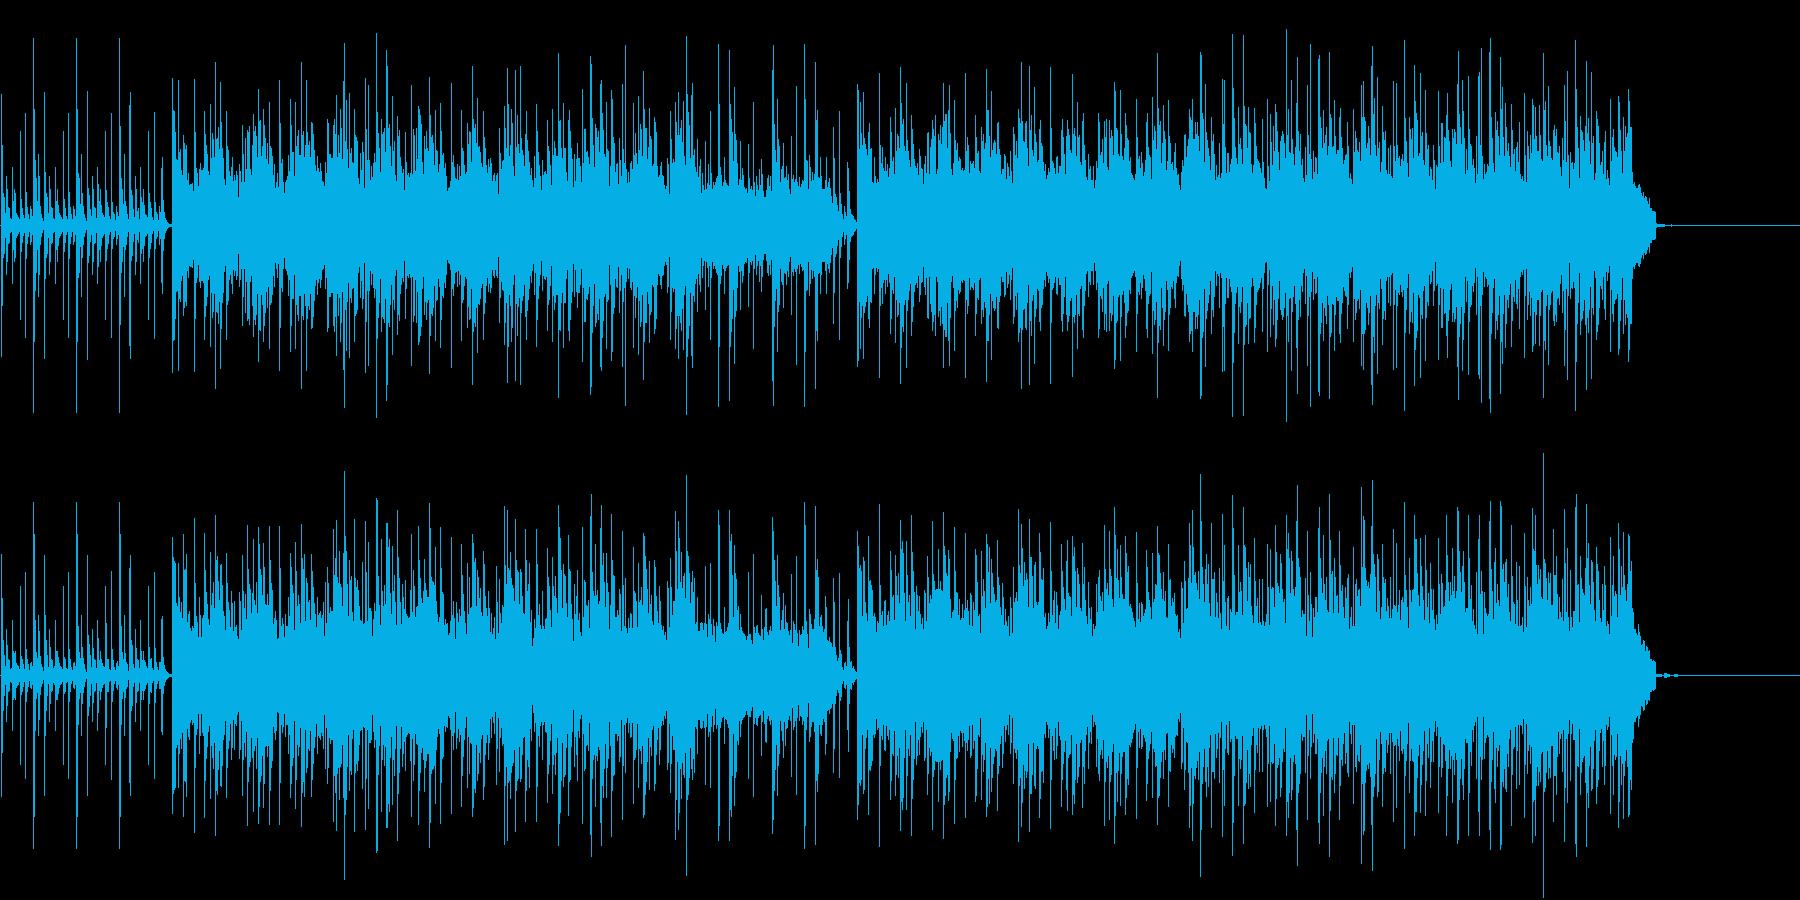 和太鼓が印象的なエネルギッシュなテクノの再生済みの波形